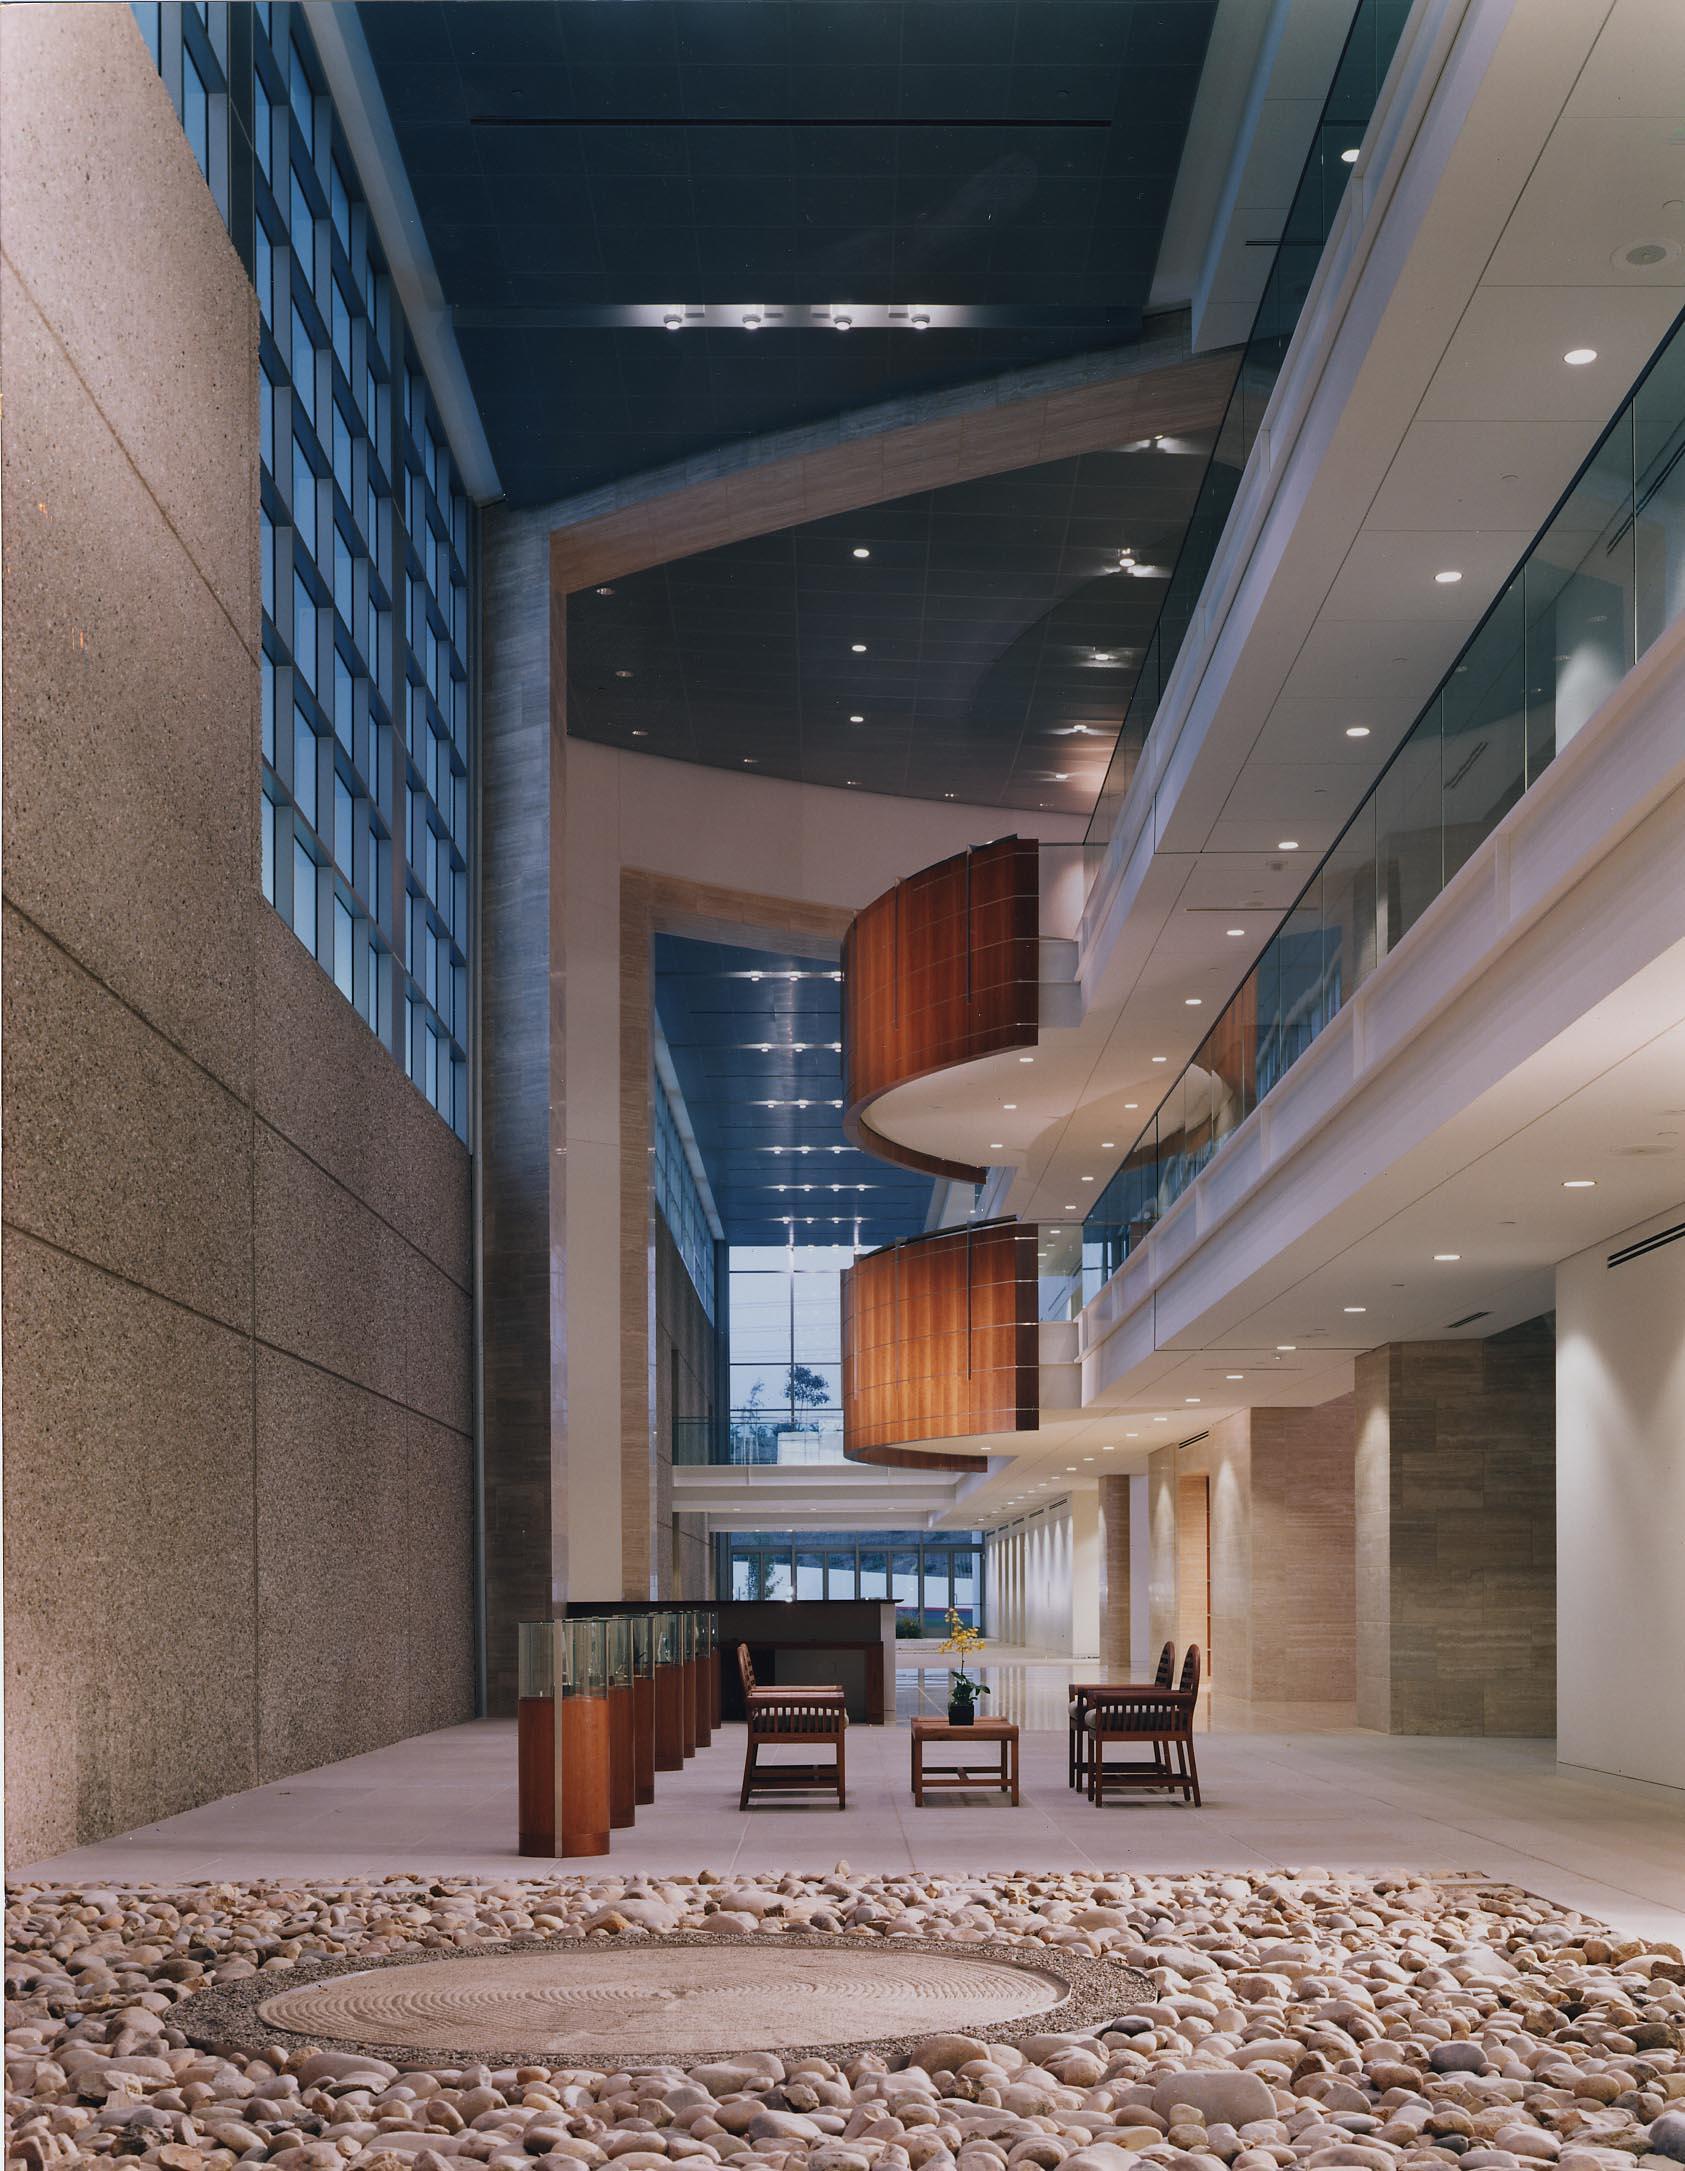 NIKKEN Headquarters Atrium. Served as Project Director for Gensler.